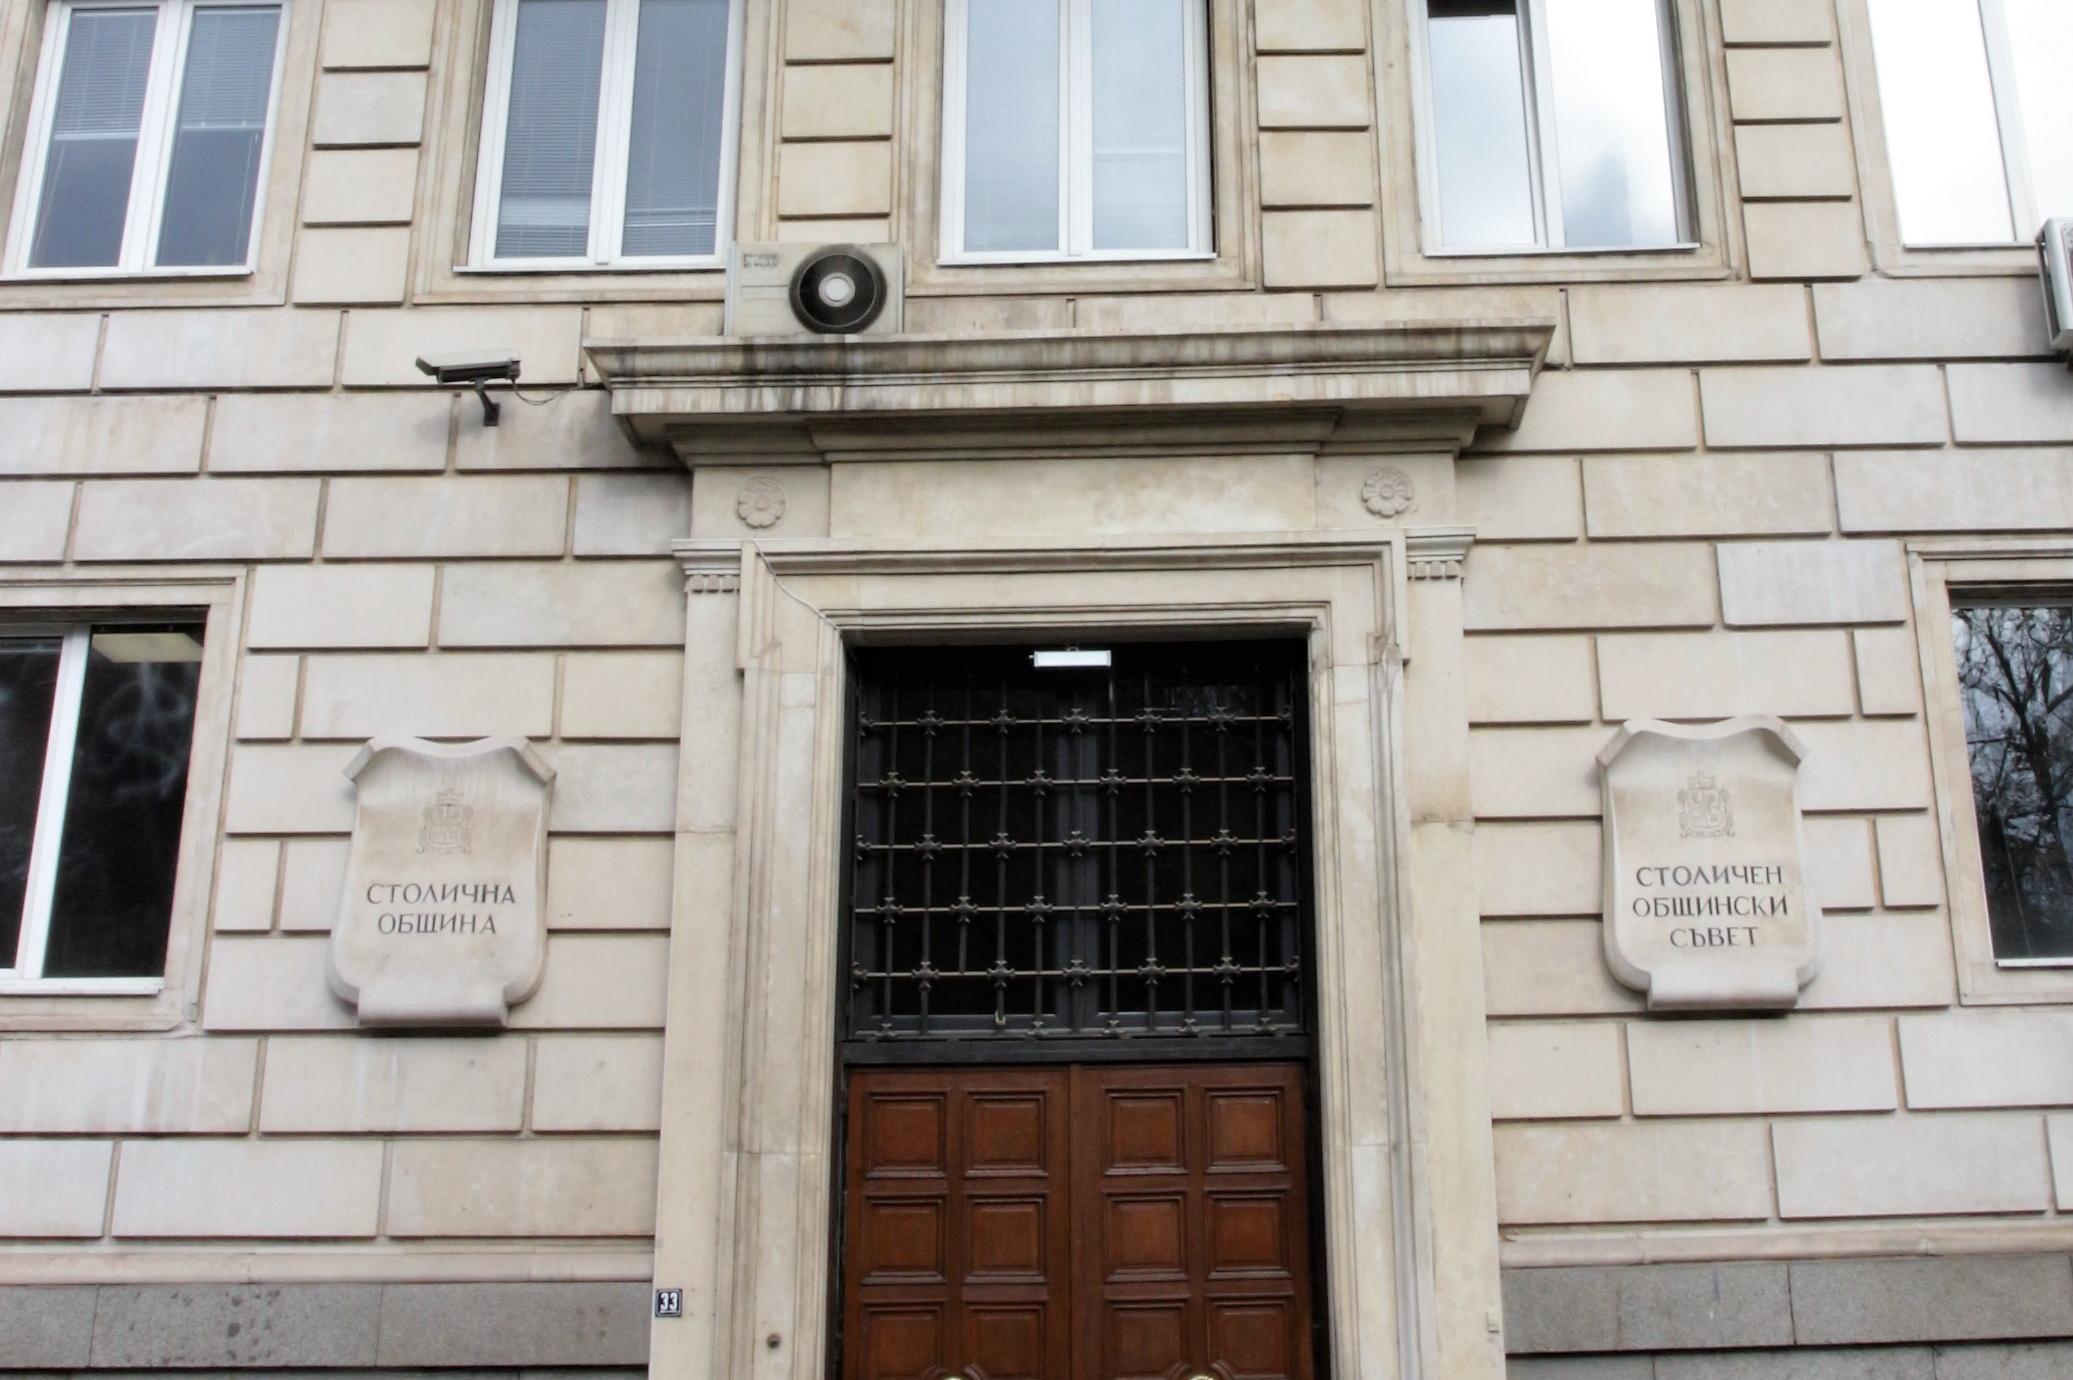 Кметът на София сформира медицински експертен съвет за COVID-19